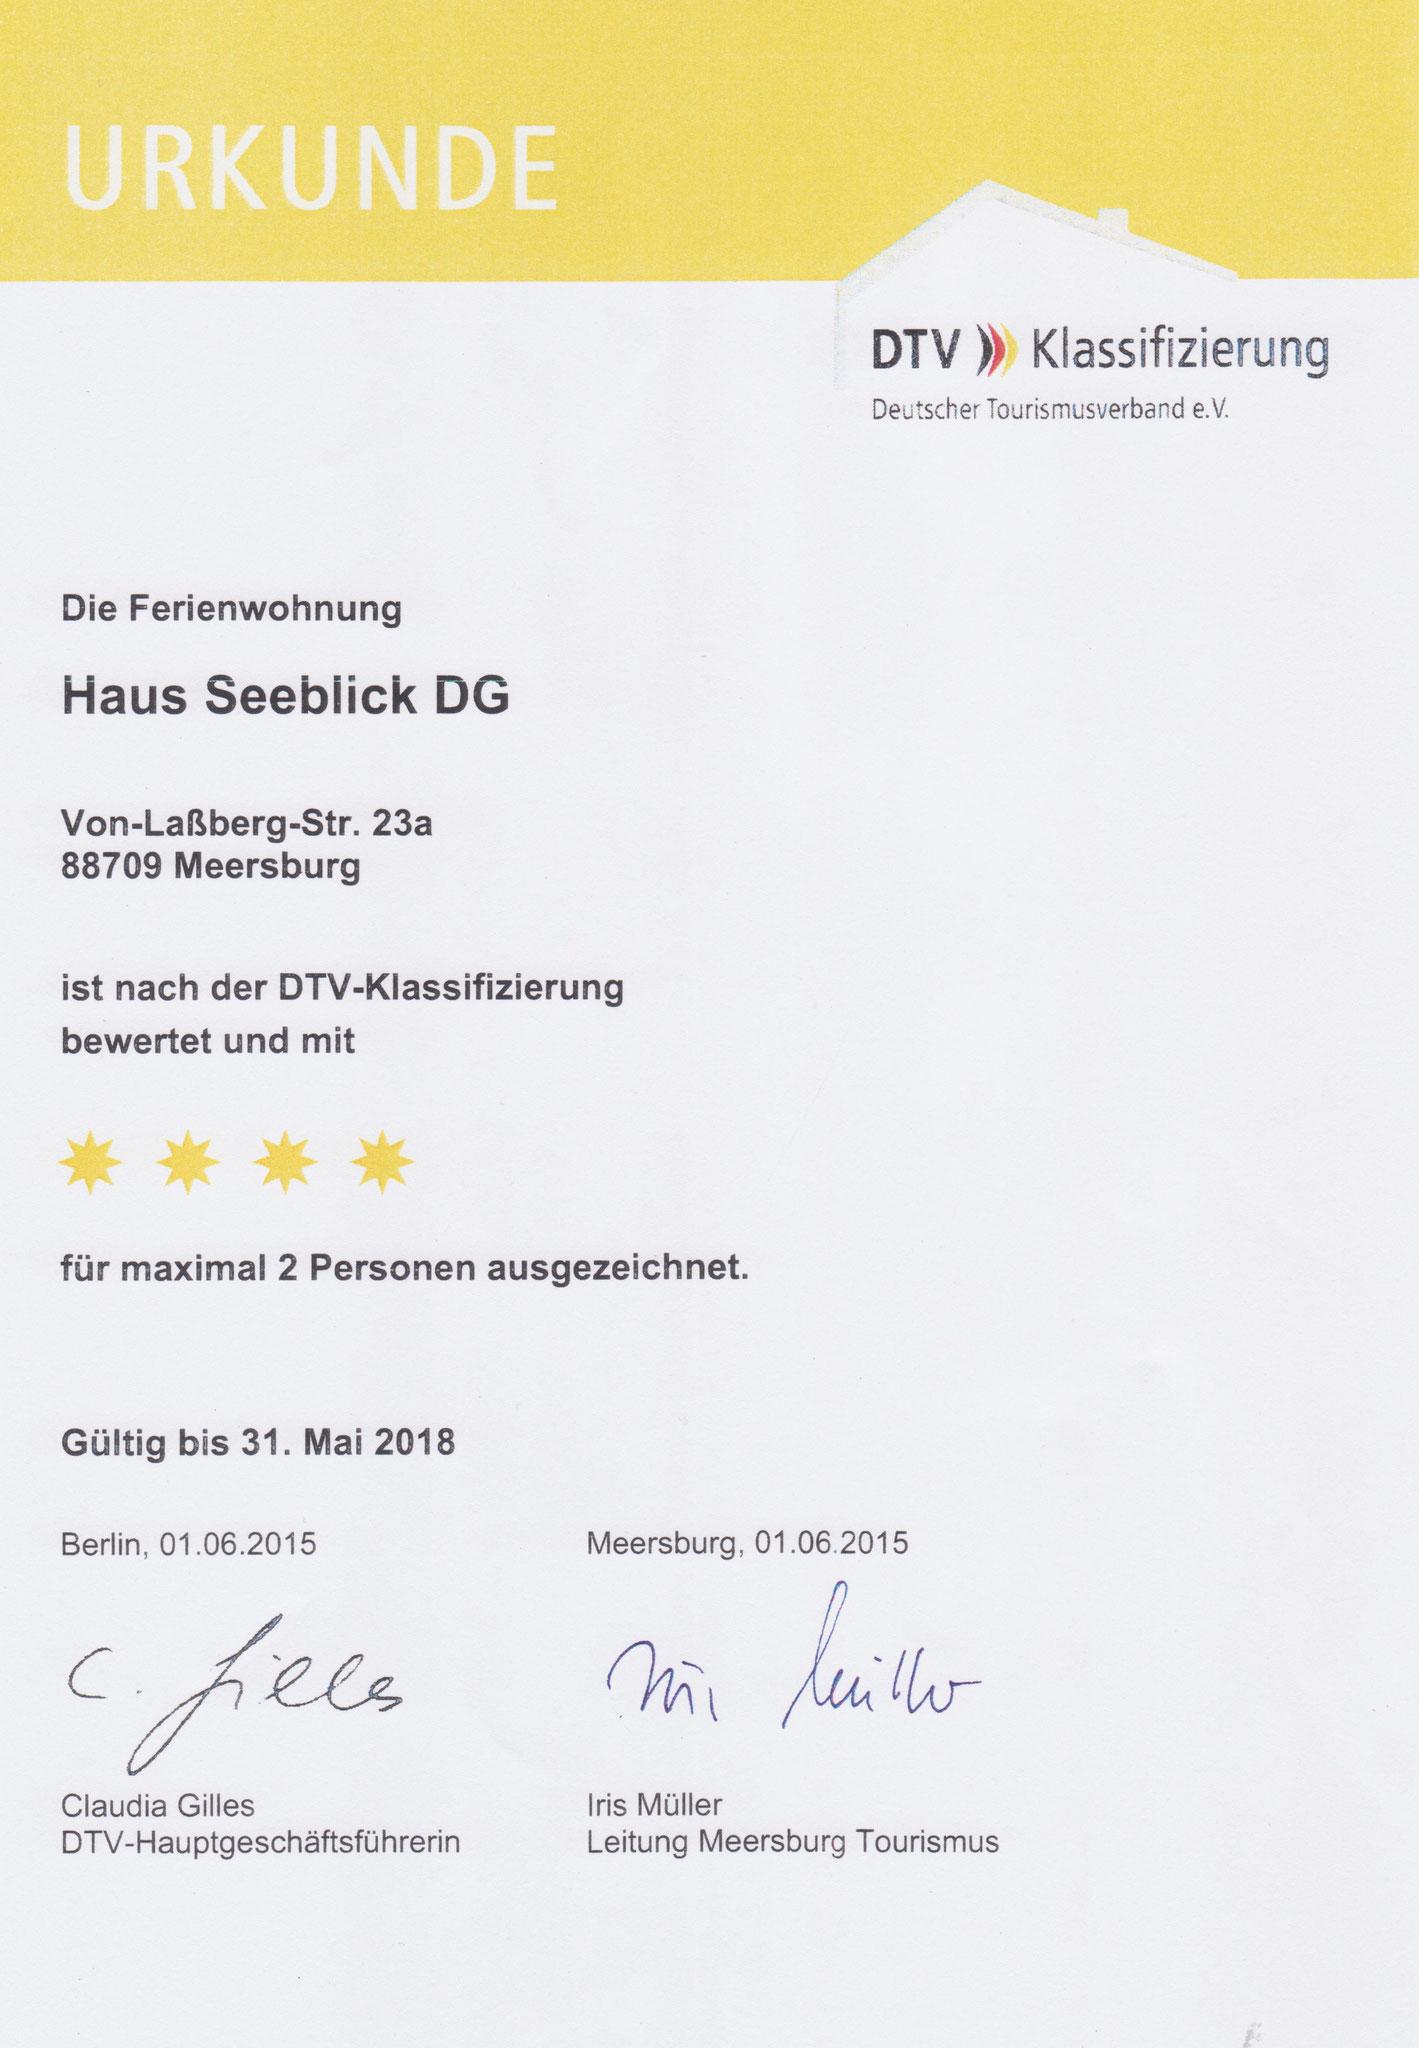 Urkunde 2015 Klassifizierung DG-Wohnung F****